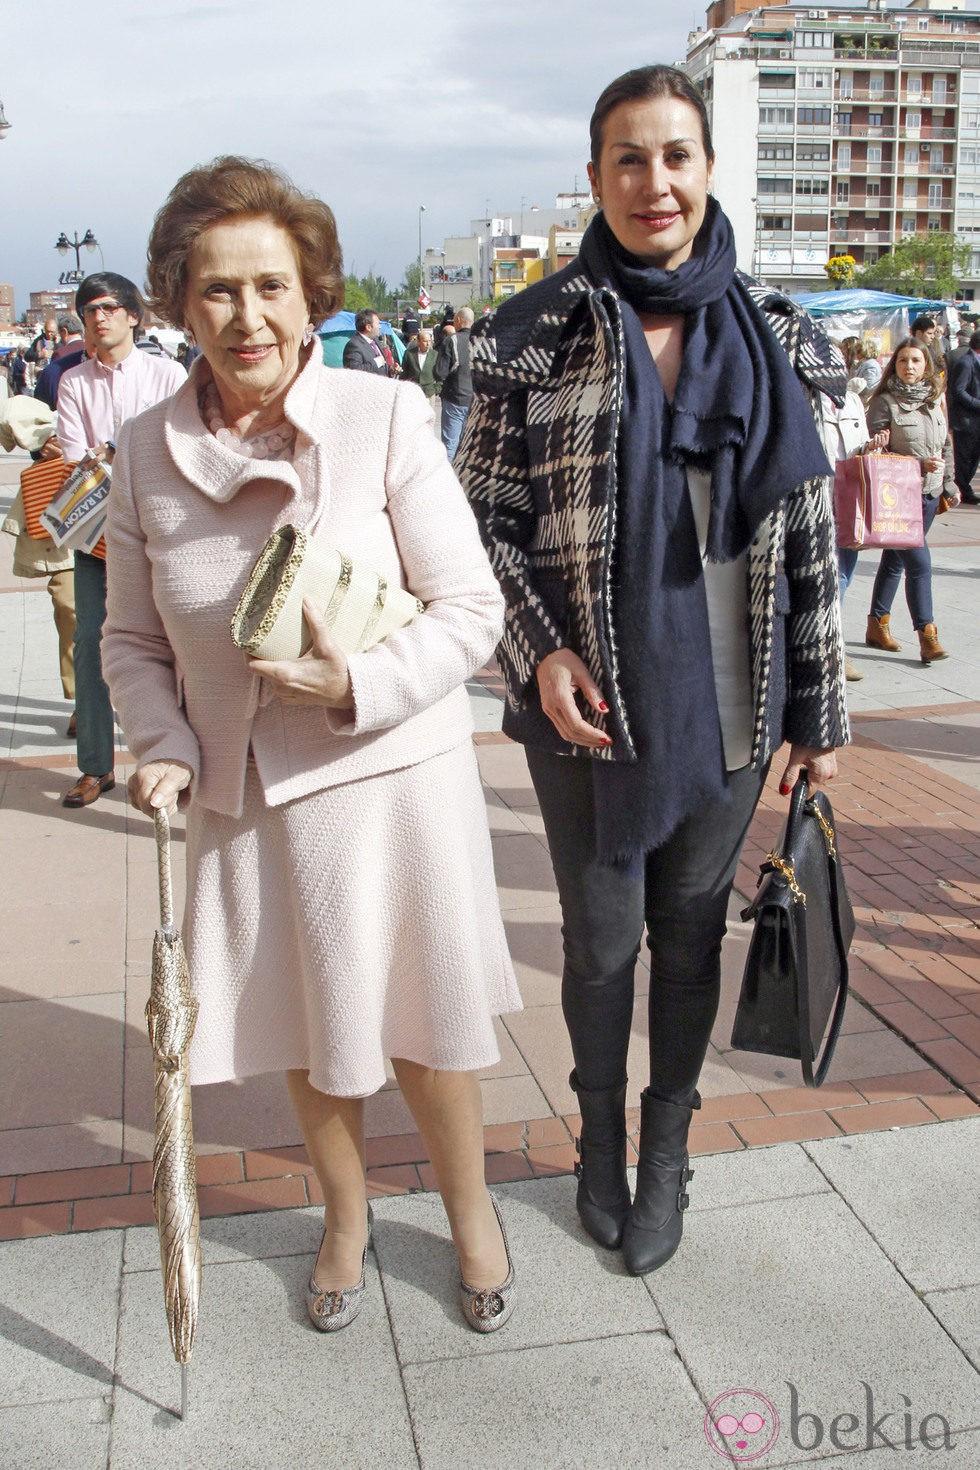 Carmen Franco y Carmen Martínez-Bordiú en una de las corridas de toros de San Isidro 2013